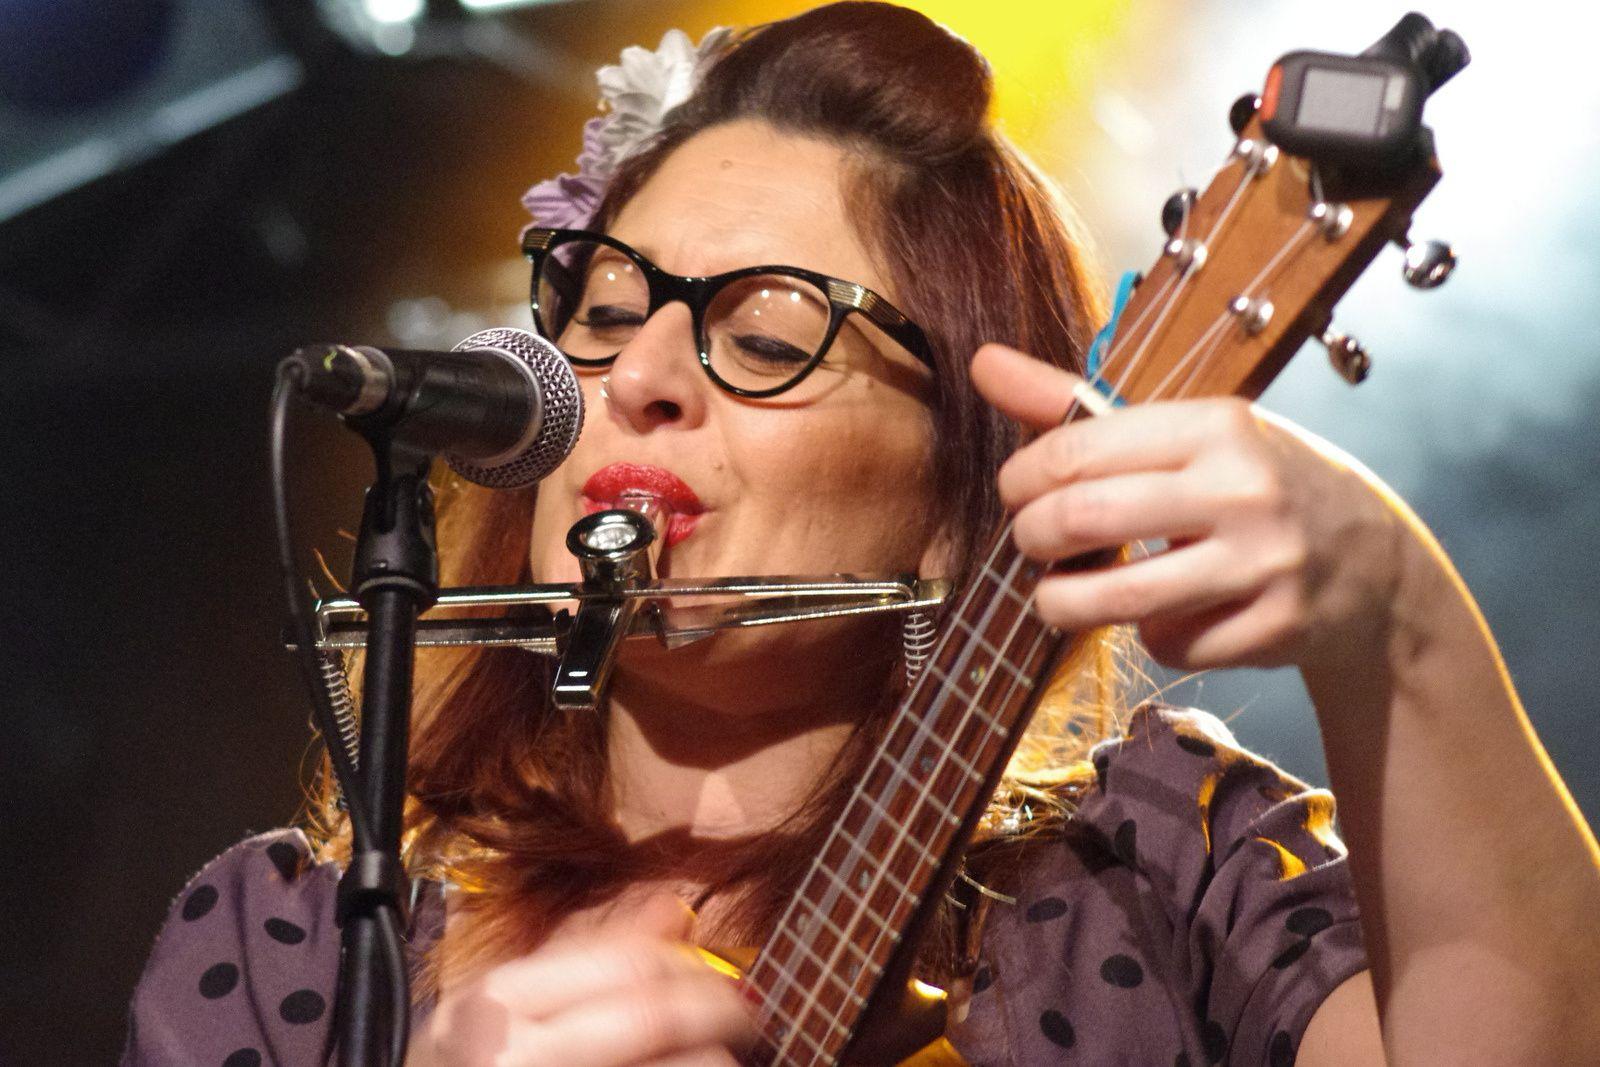 Veronica & The Red Wine Serenaders - 12 mars 2014 - La Boite à Musiques, Wattrelos (59)